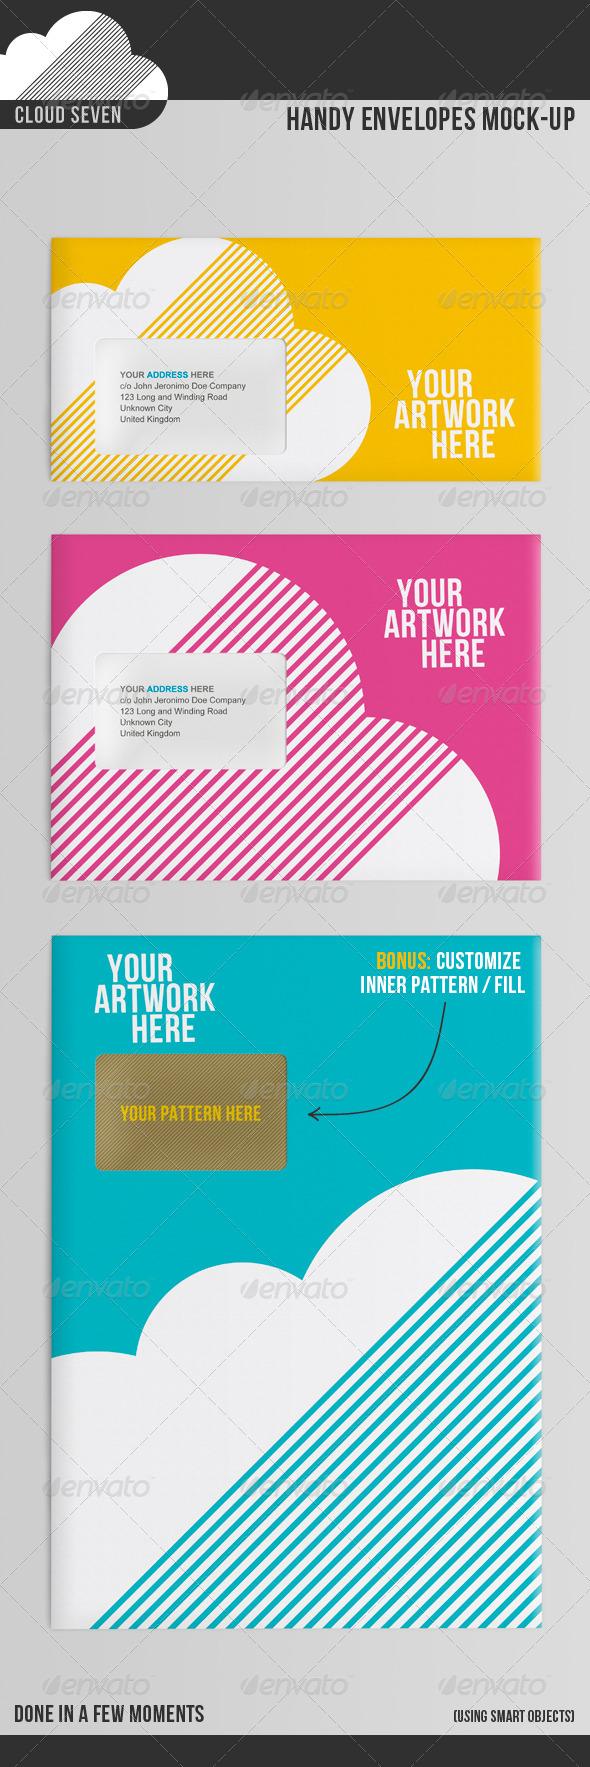 GraphicRiver Handy Envelopes Mock Up 5155545